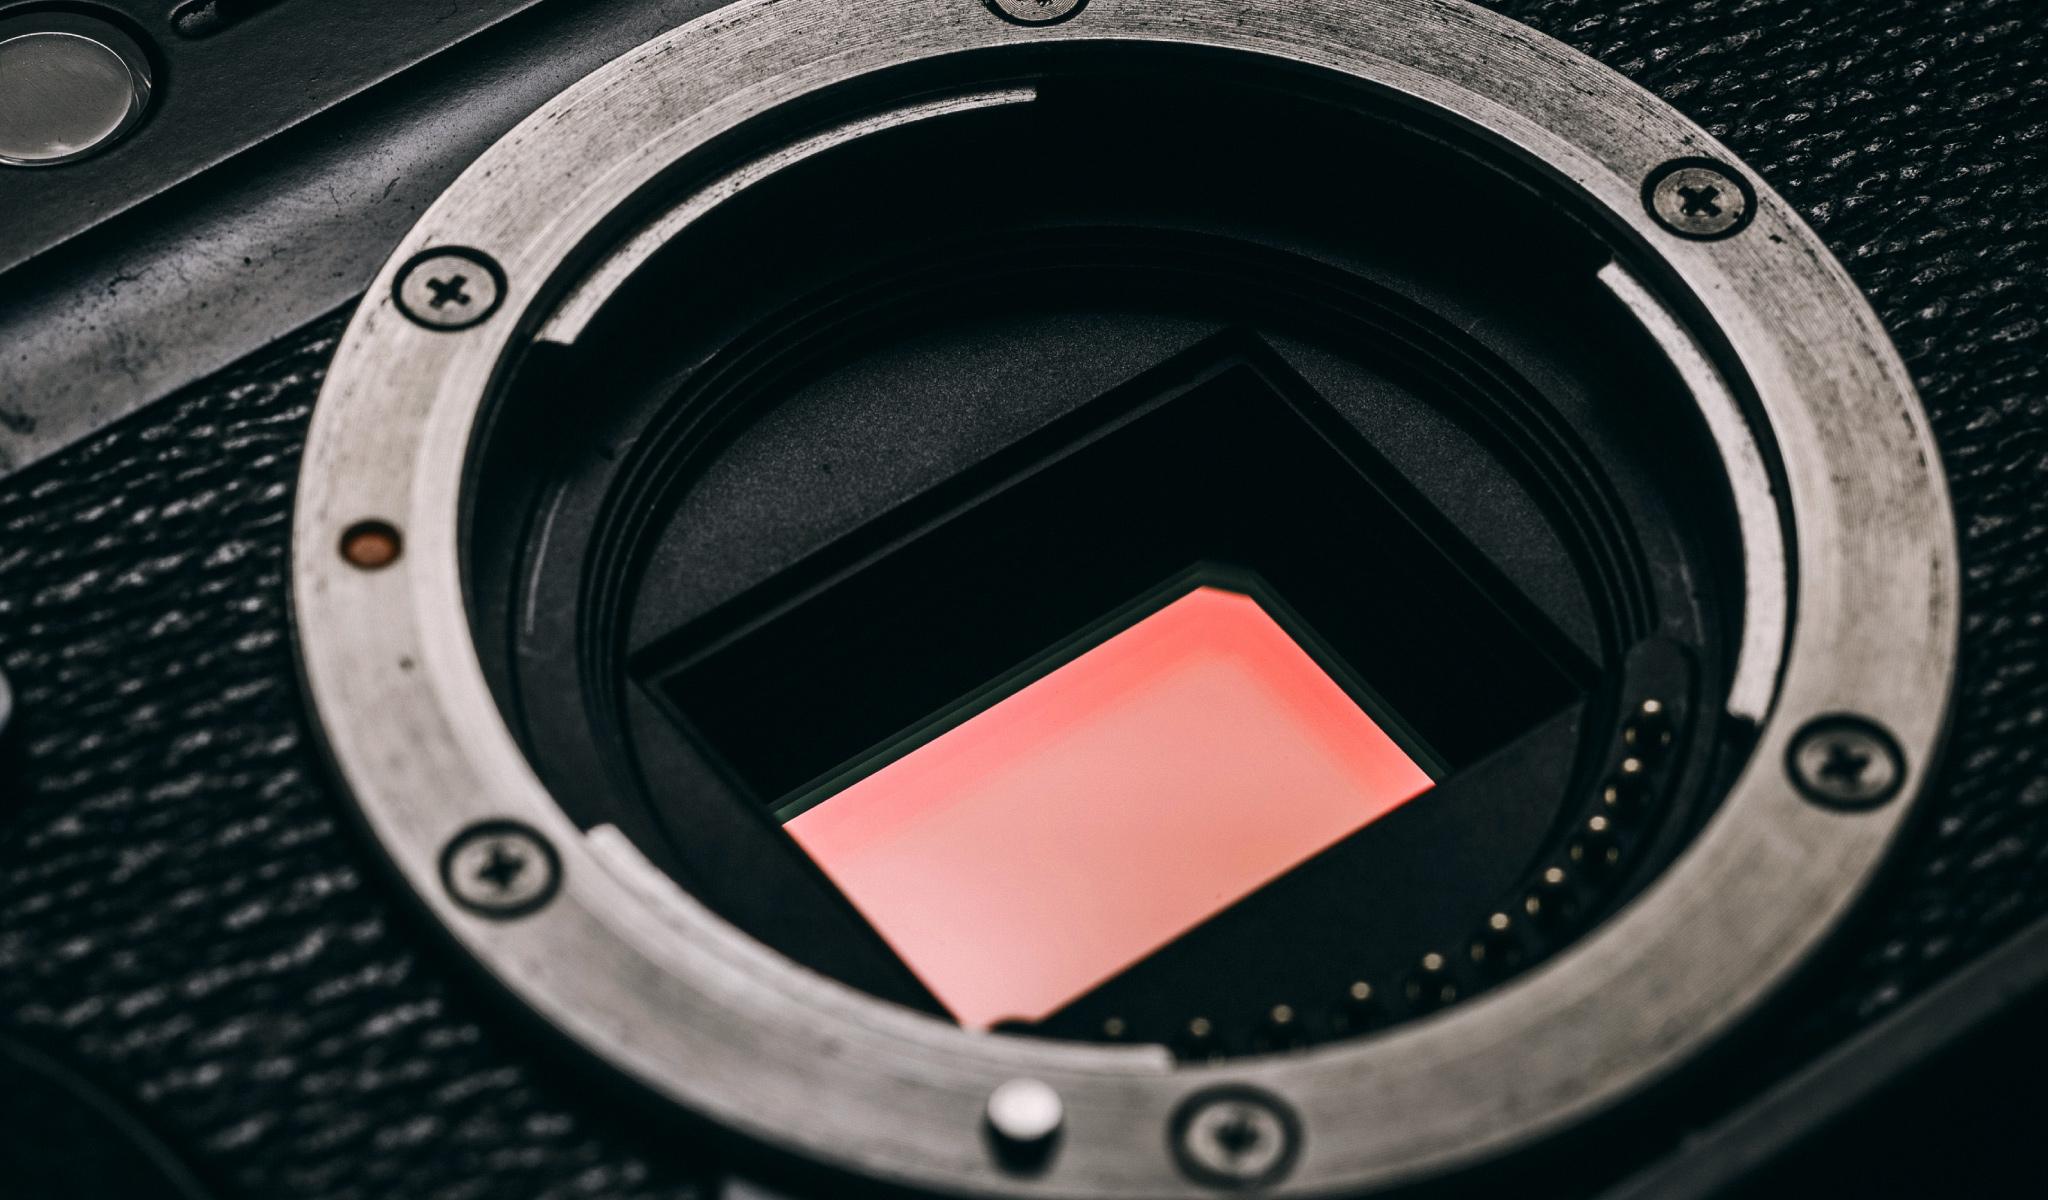 CMOSセンサーのイメージ